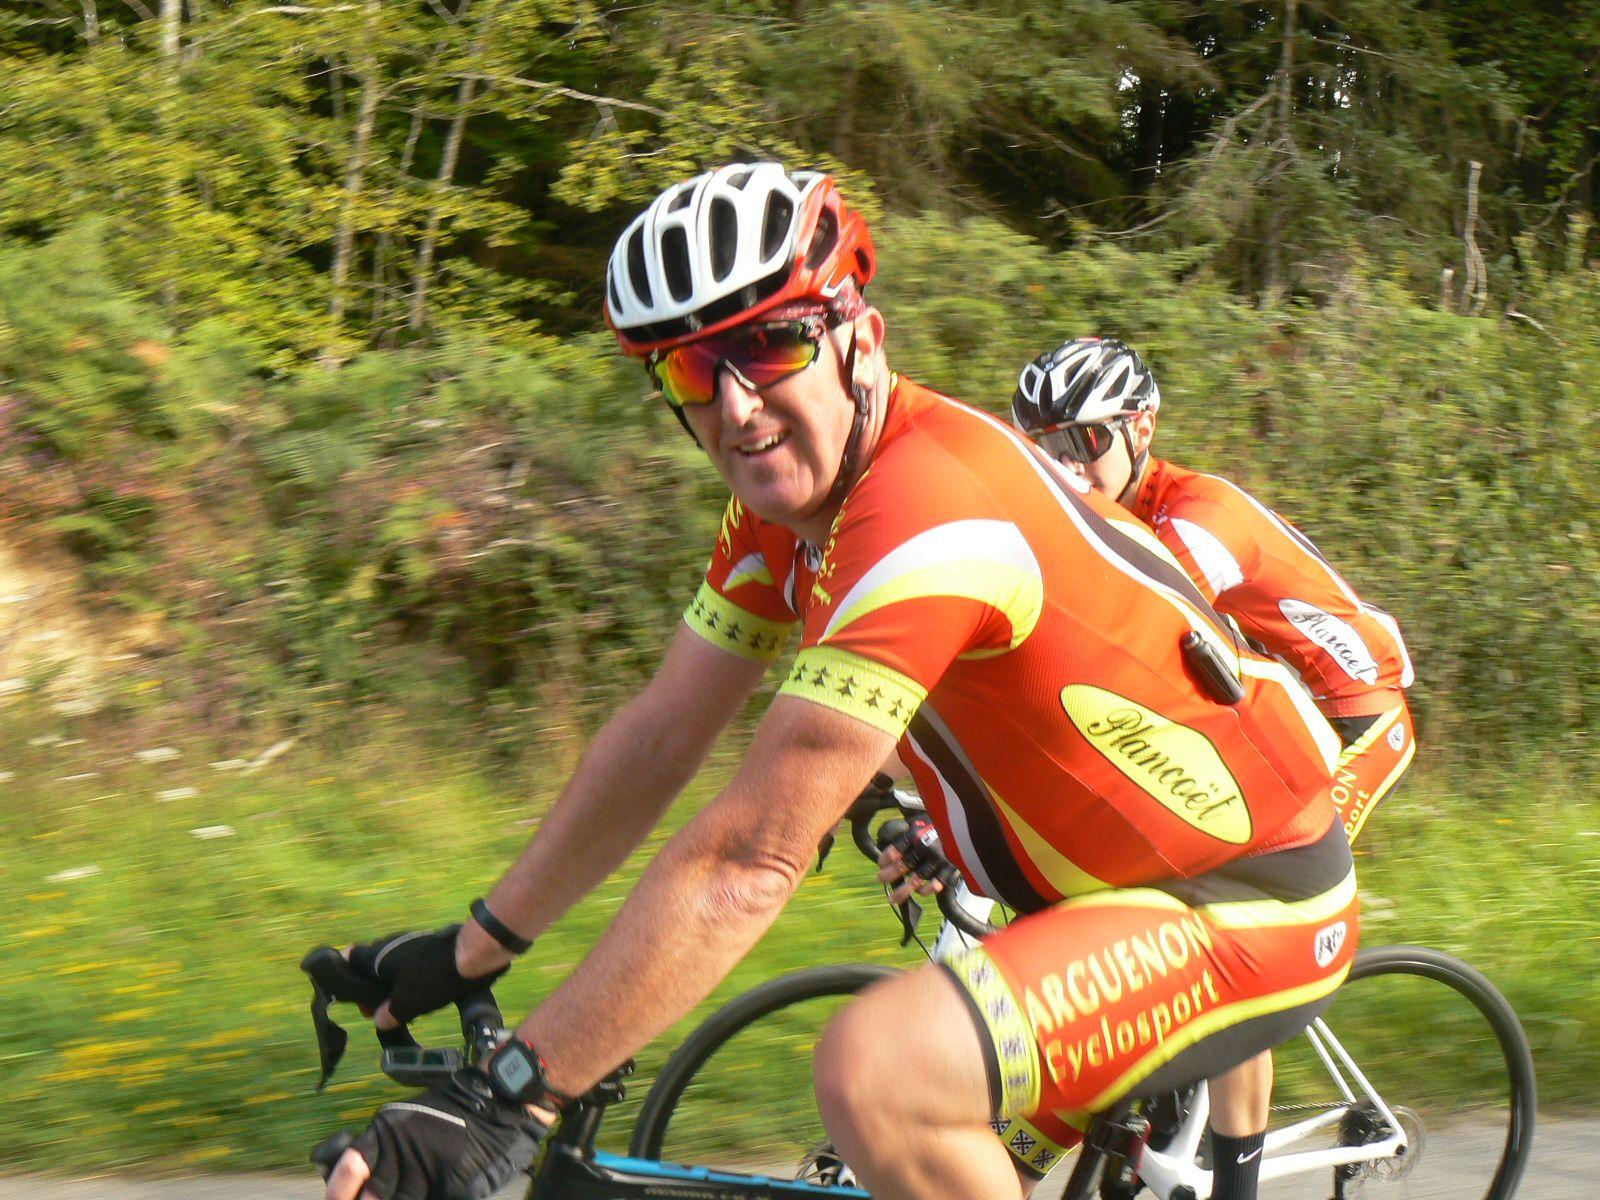 15 août 2021: entrainement avec Arguenon Cyclosport Plancoët de Plélan à Jugon en passant par Brusvily-Broons-Dolo-Trémeur-Mégrit.